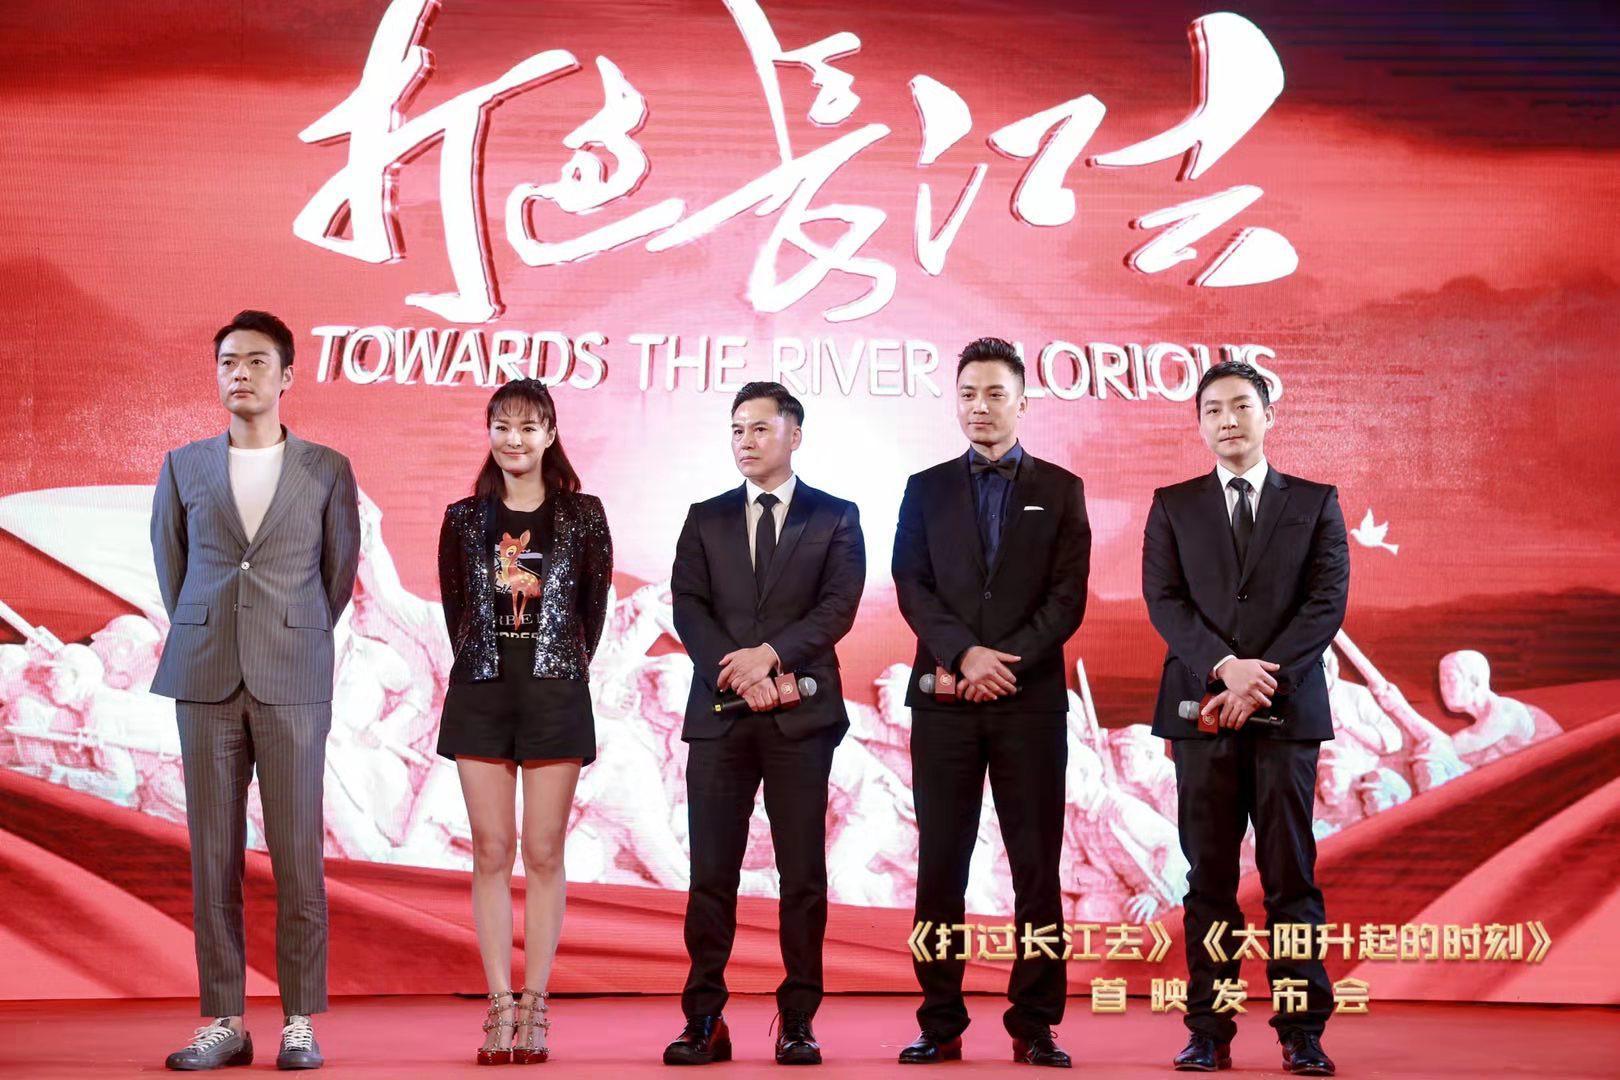 《打过长江去》发布会圆满成功 淳于珊珊走心表演获好评